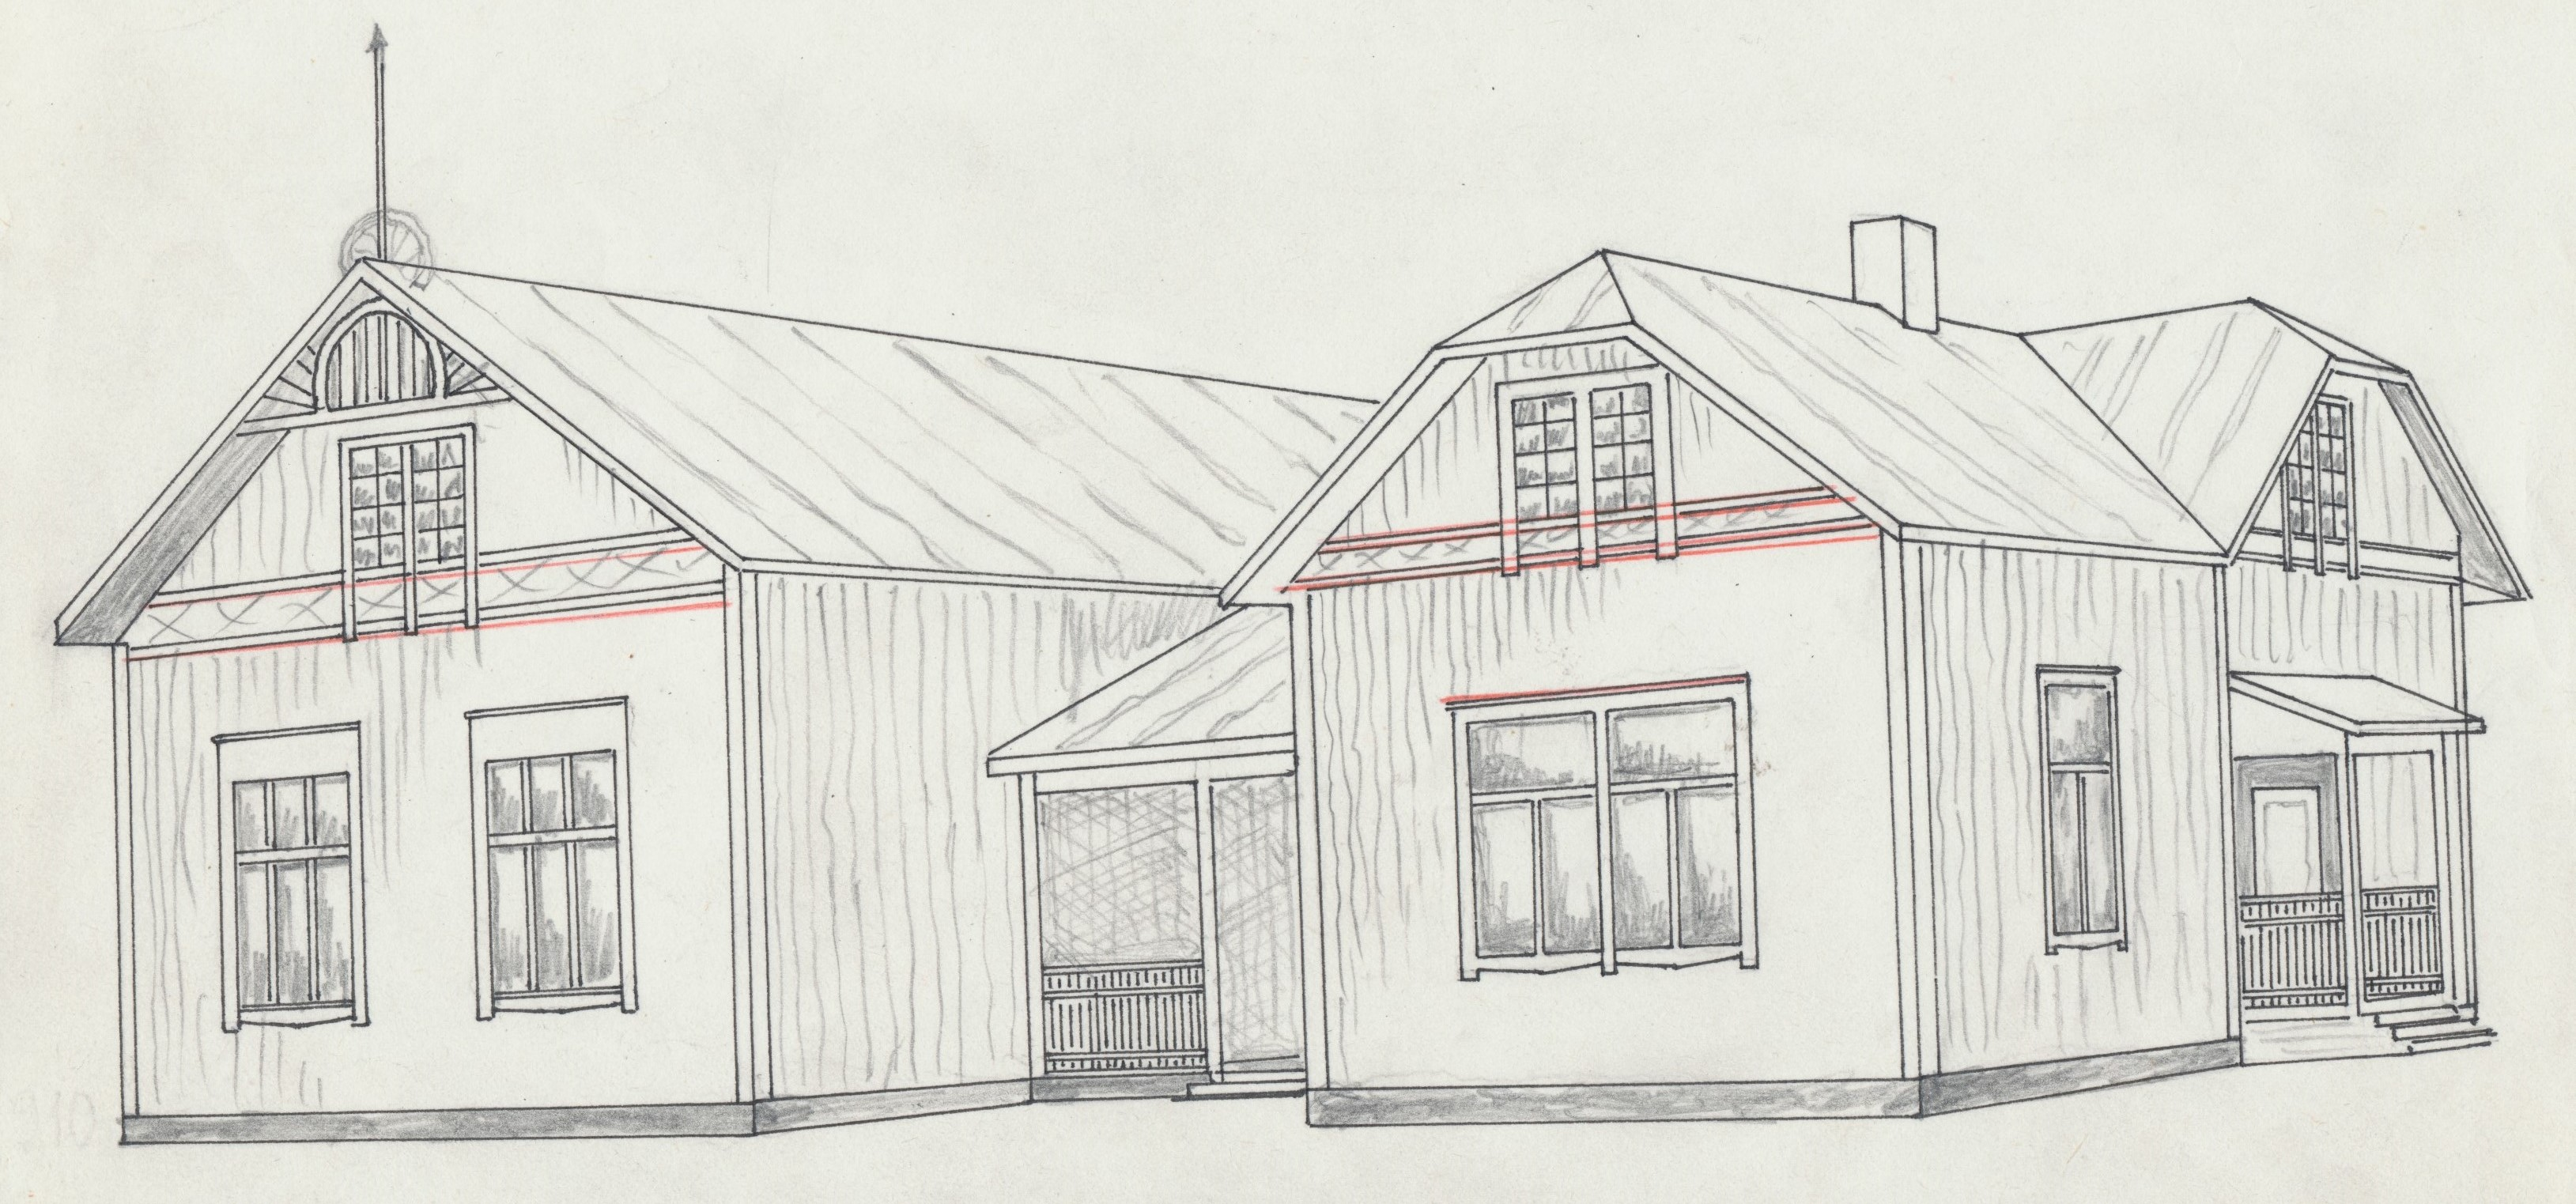 Rurik Nylunds skiss av ungdomsföreningens första egna hus, som kallades Majbo.